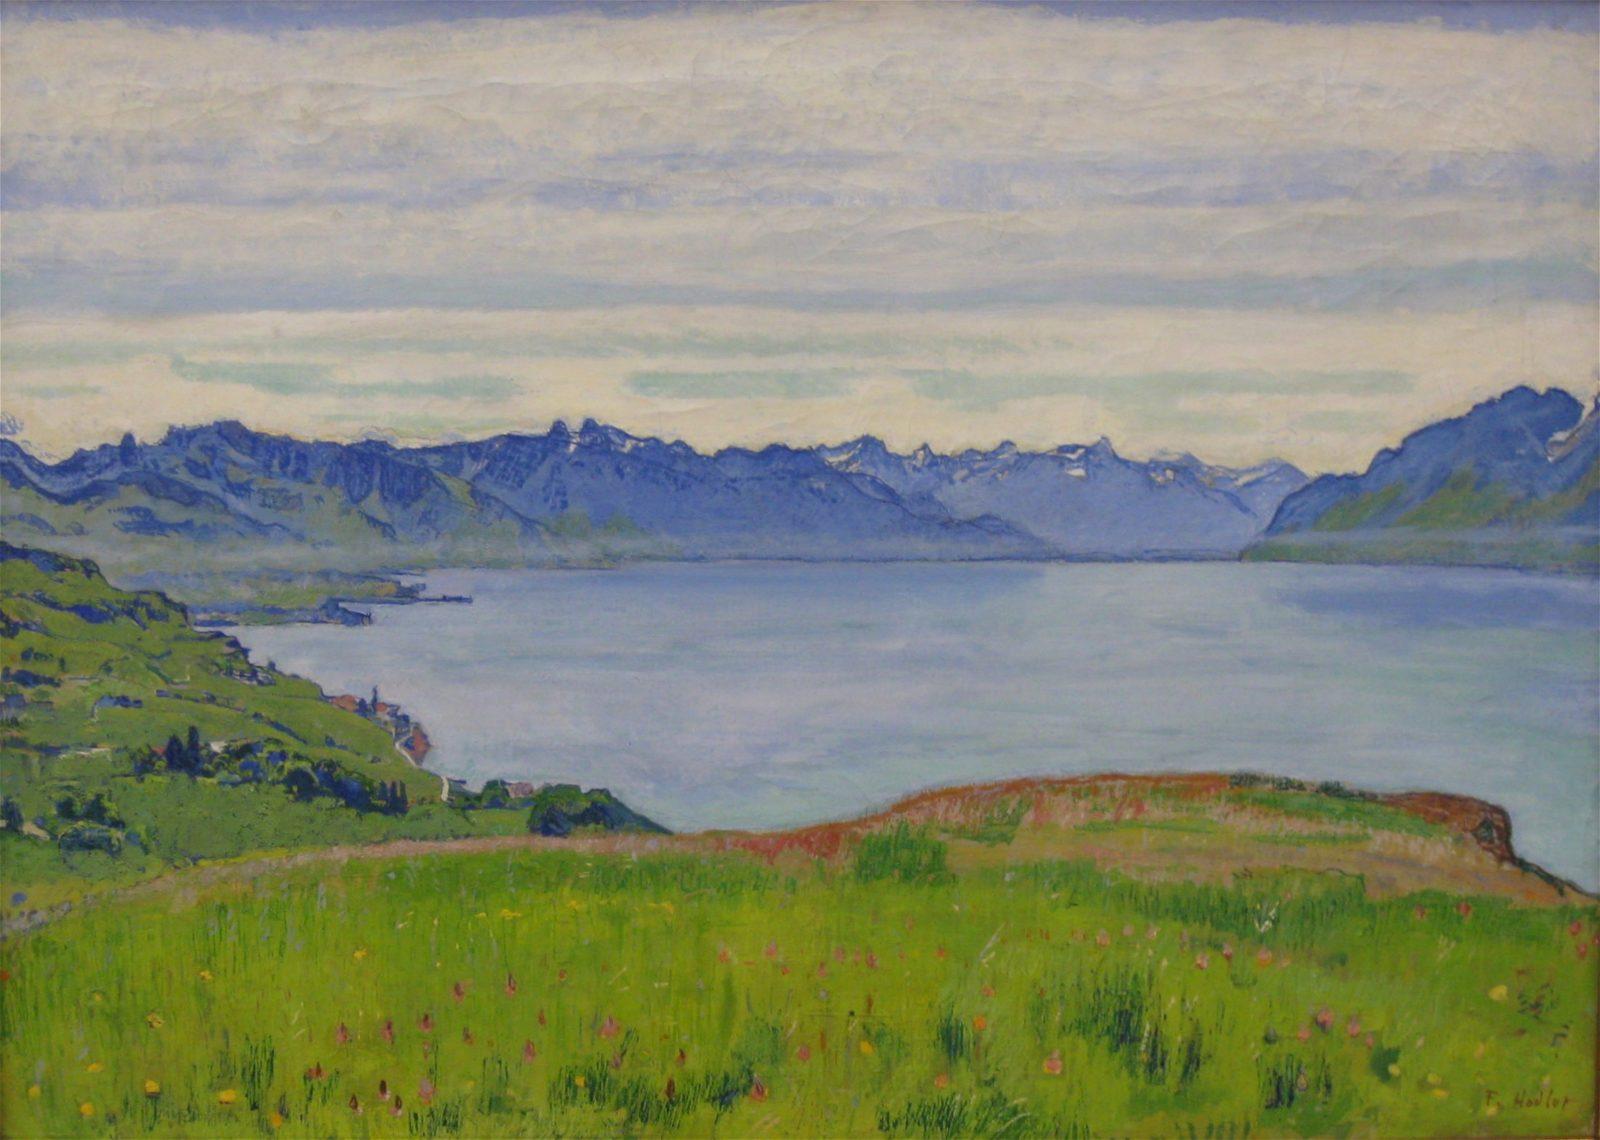 Paysage du Lac Léman » (1906) (c)Ferdinand Hodler, article l'année hodler par quantin arnoux et anne fatout pour go out magazine mai 2018